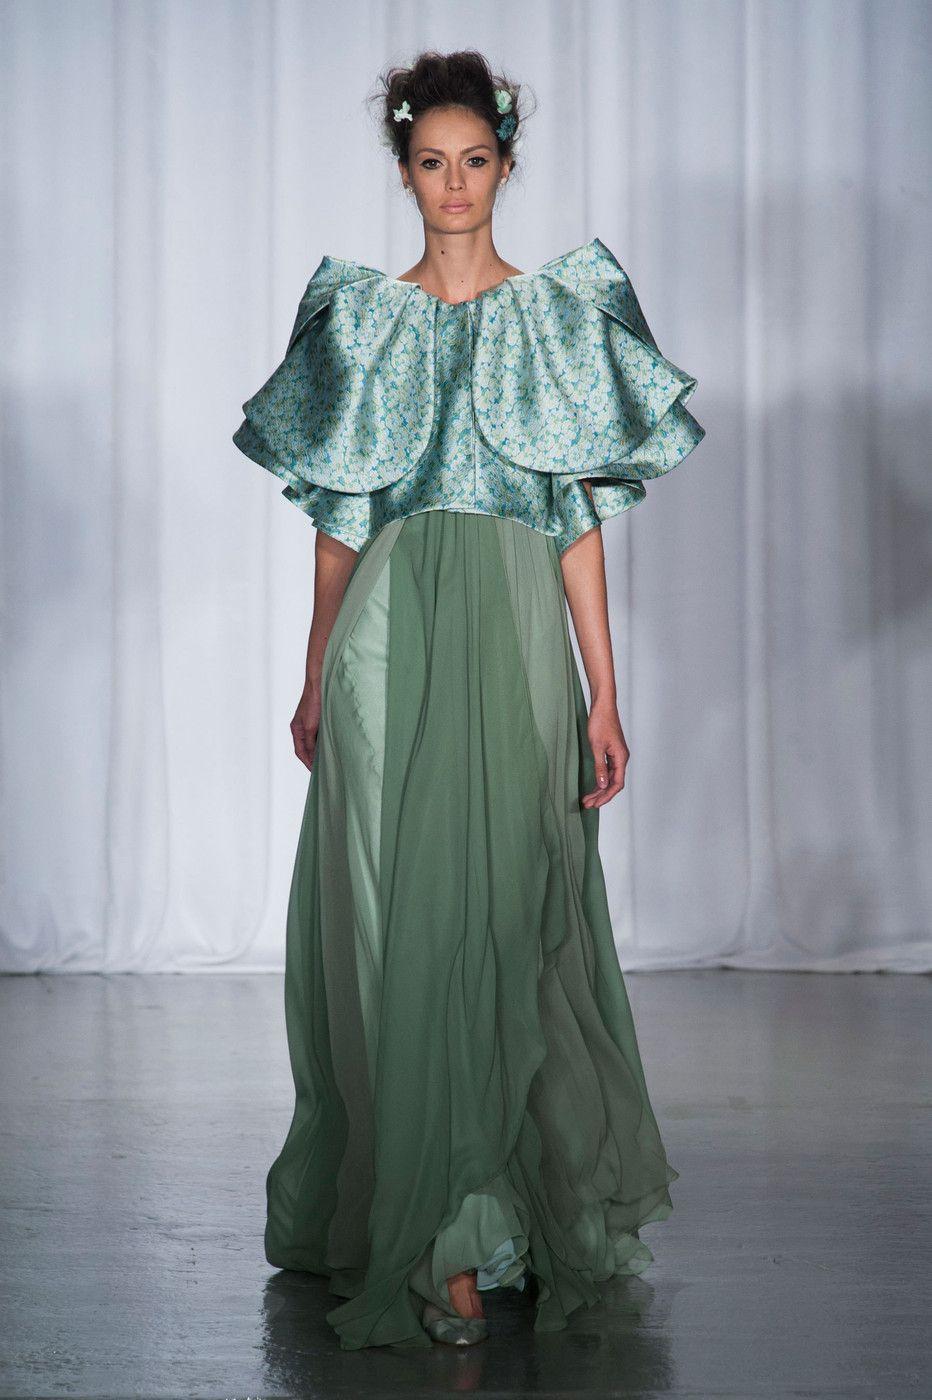 Zac Posen at New York Fashion Week Spring 2014 (With